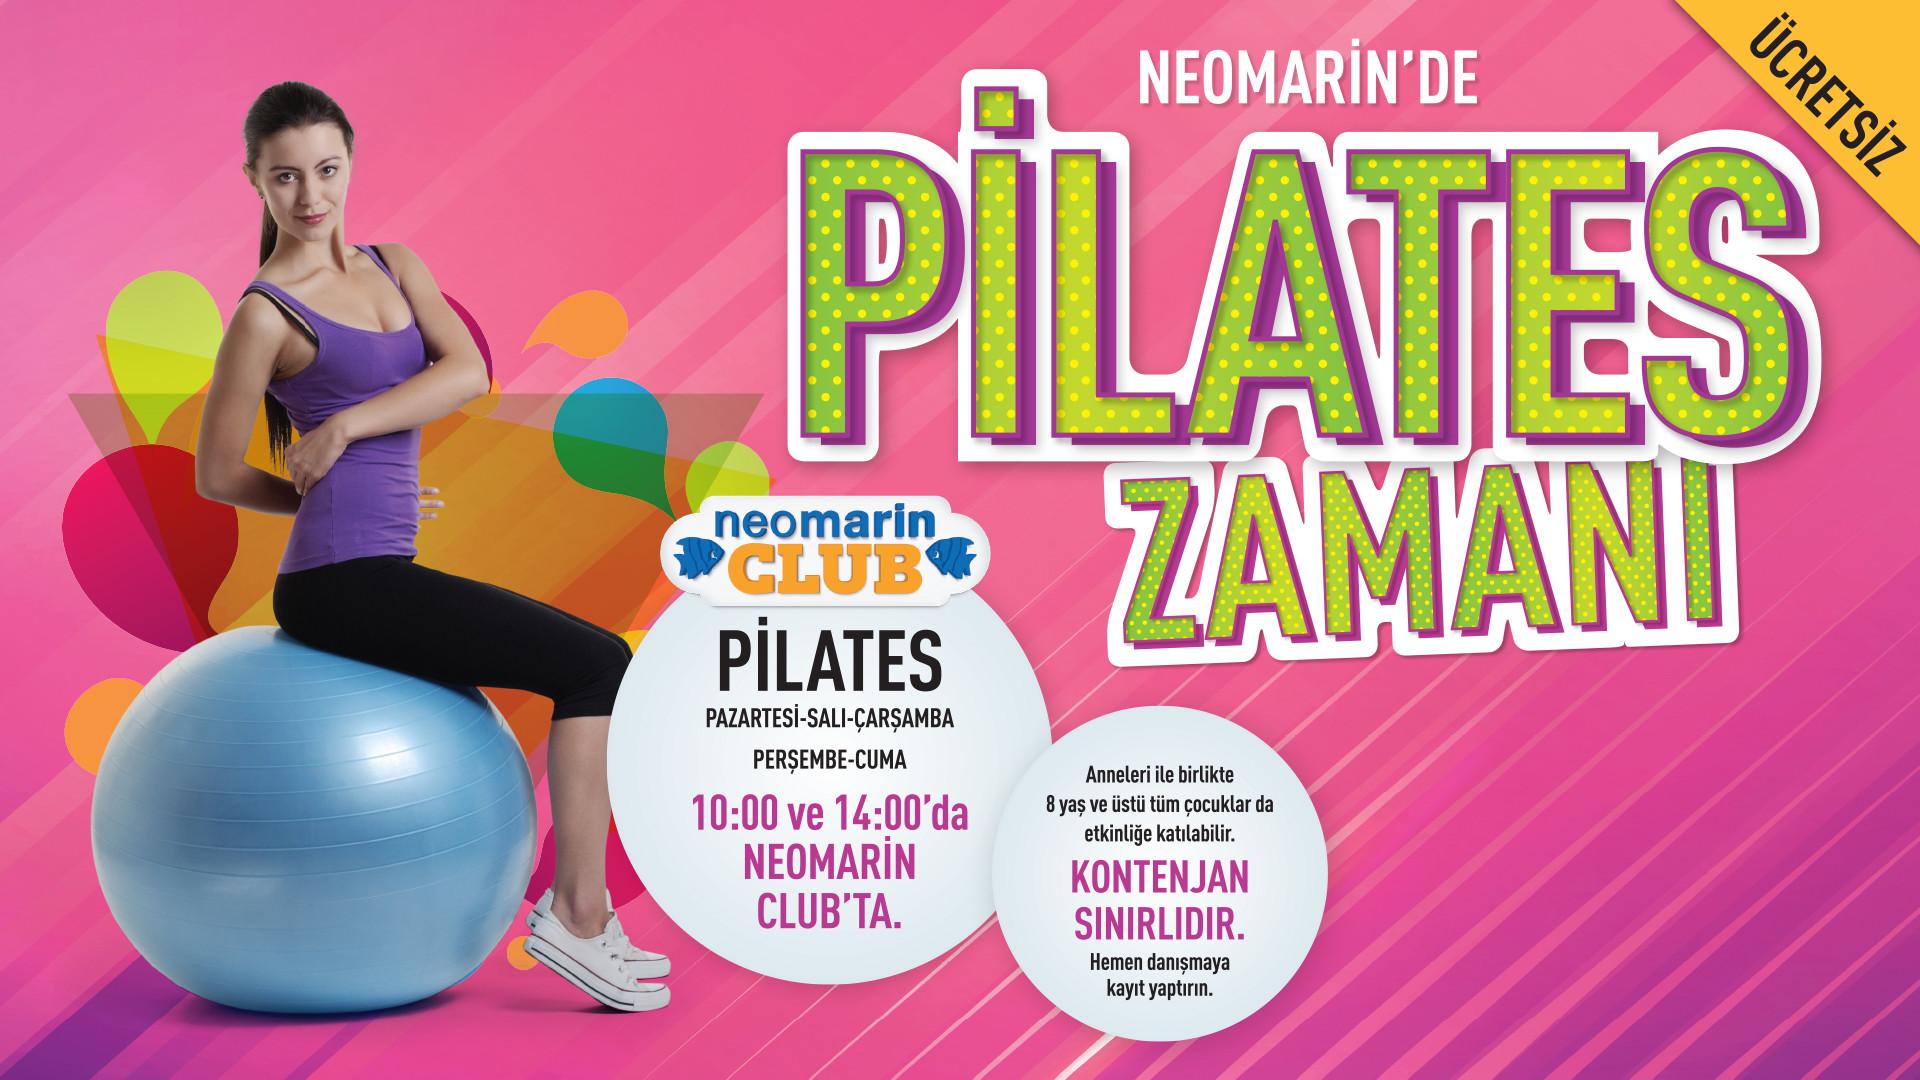 Neomarin'de Pilates Zamanı